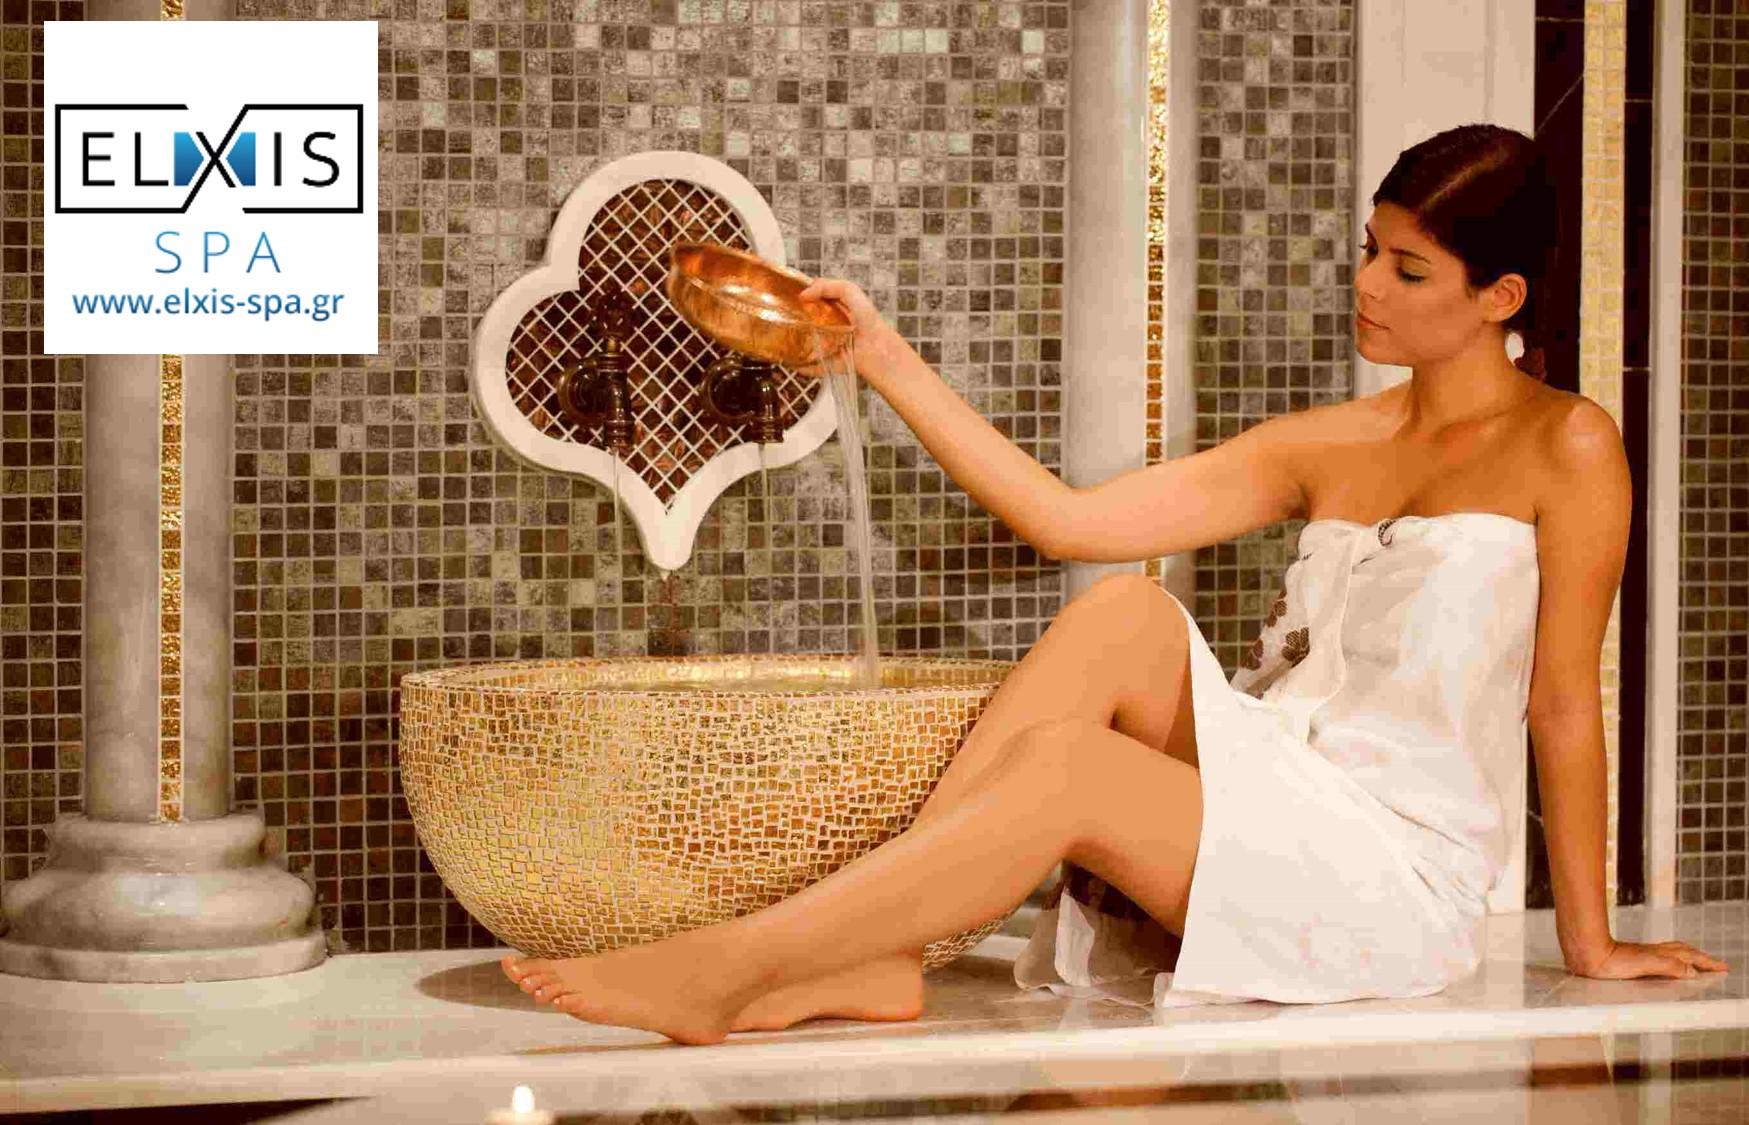 22€ από 110€ για Body Spa Therapy 90' που περιλαμβάνει Χαλαρωτικό μασάζ, Βody refiner και Χαμάμ στο ολοκαίνουργιο πολυτελές ''Elxis Spa'' στο Σύνταγμα